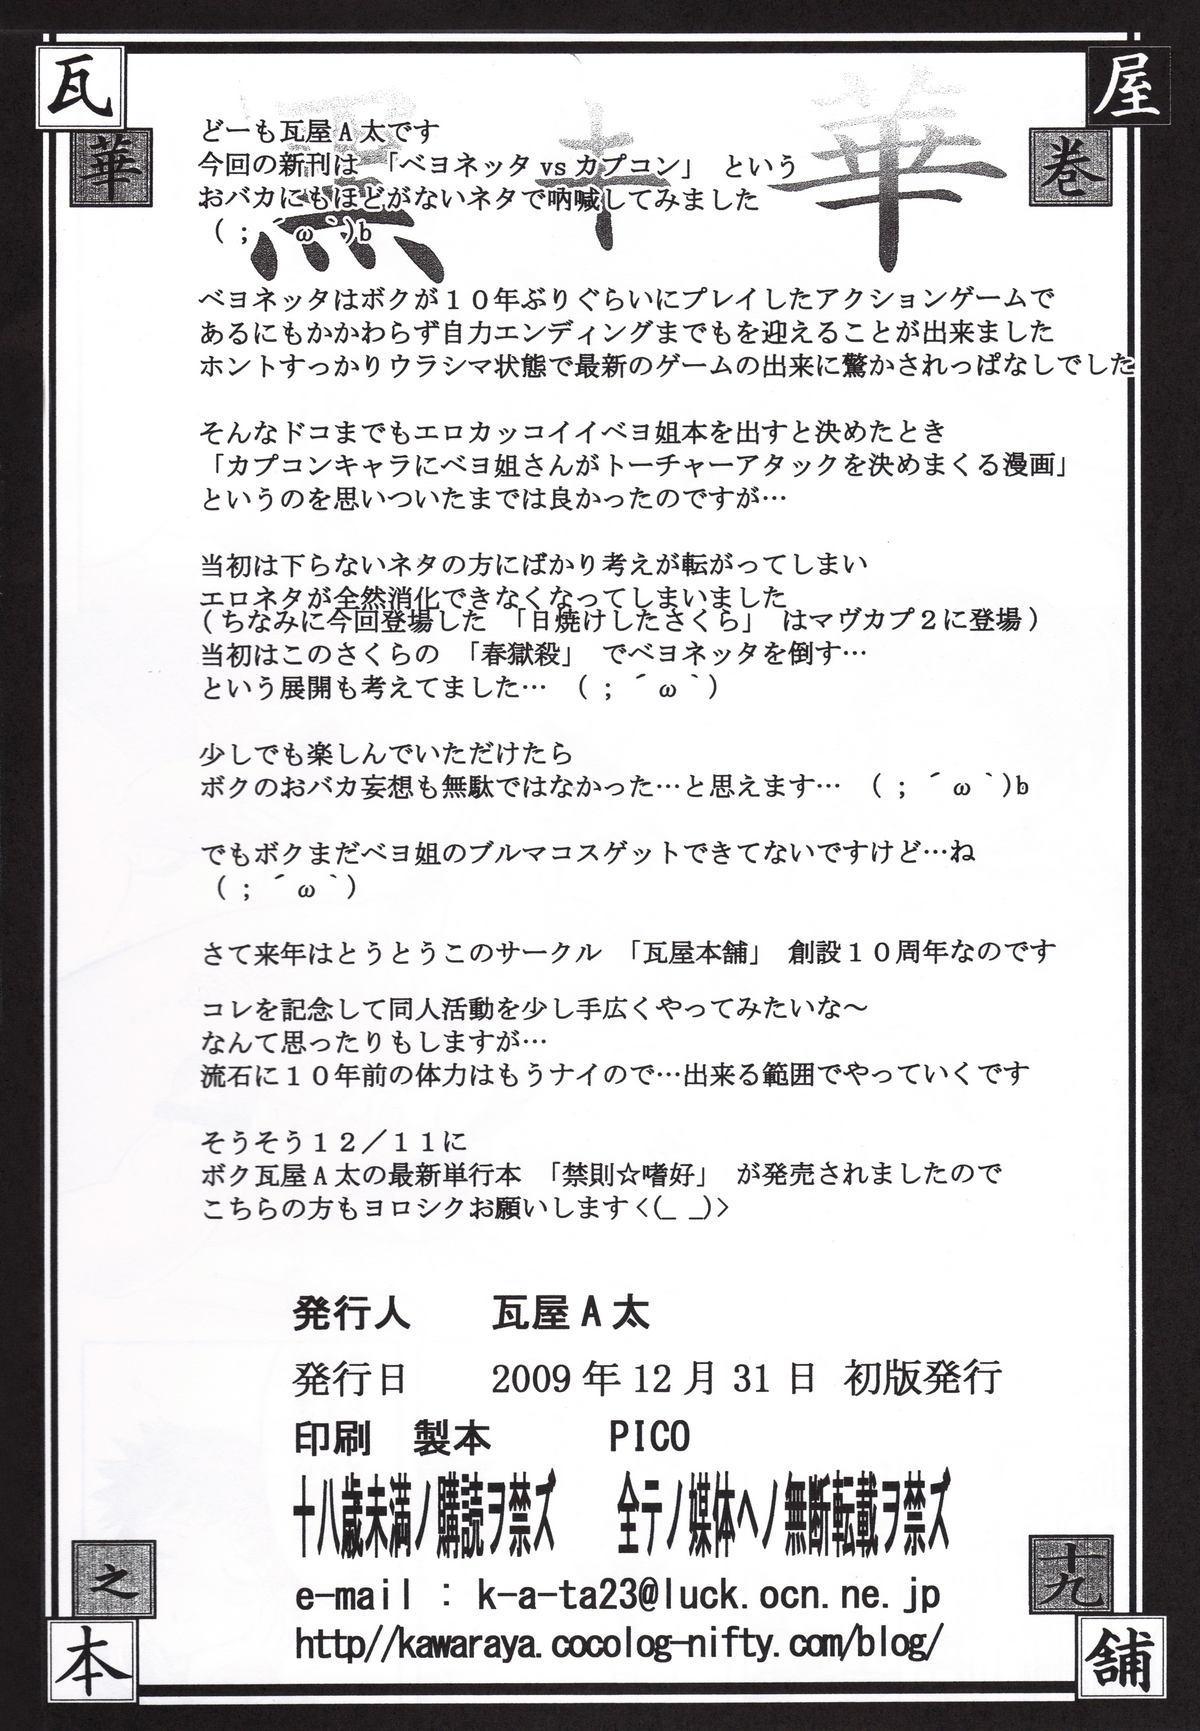 (C77) [Kawaraya Honpo (Kawaraya A-ta)] Hana - Maki no Juukyuu - Kuroki Hana (Bayonetta, Street Fighter, Darkstalkers) 41